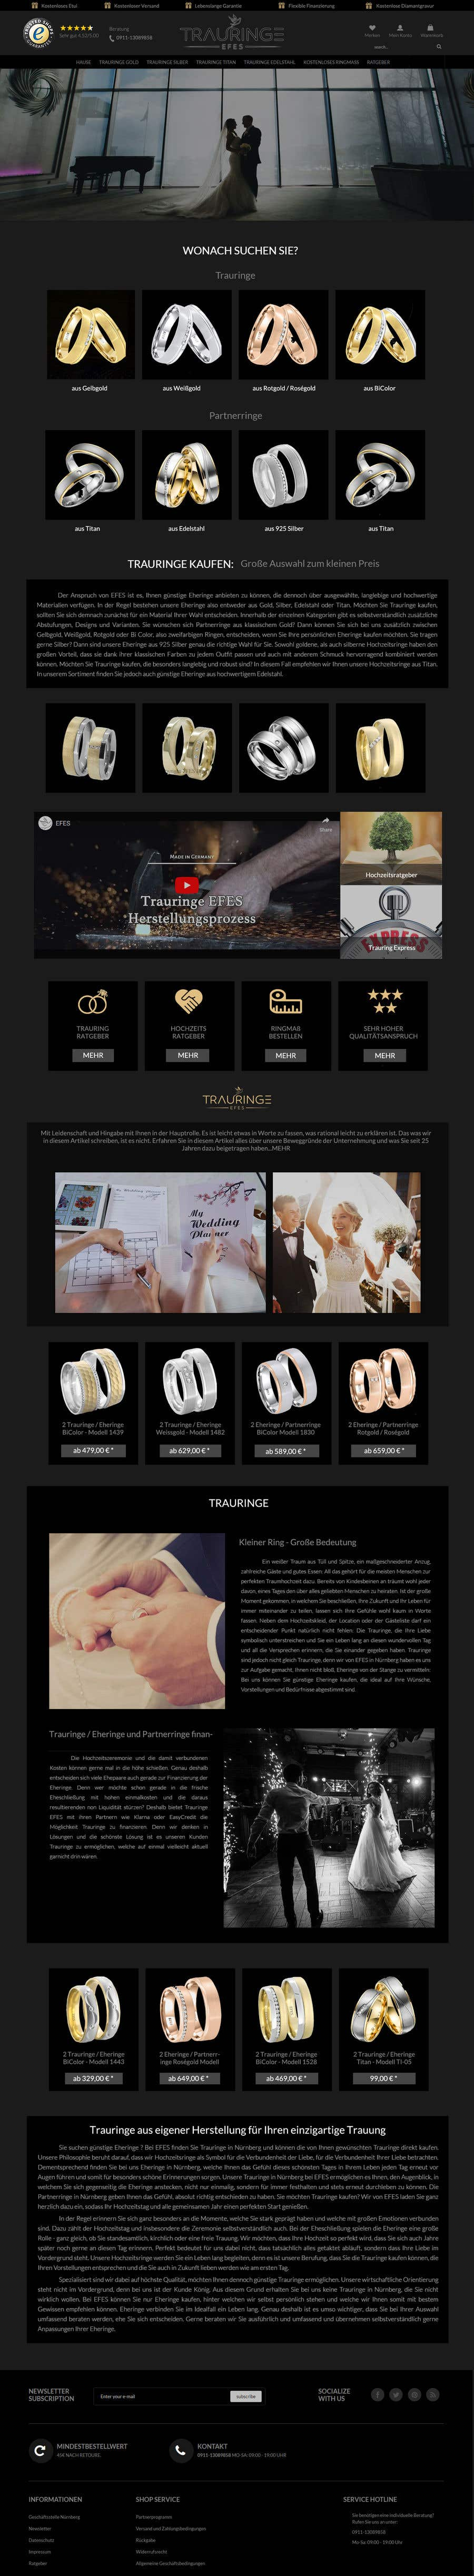 Konkurrenceindlæg #35 for Design Landingpage for Wedding Onlineshop